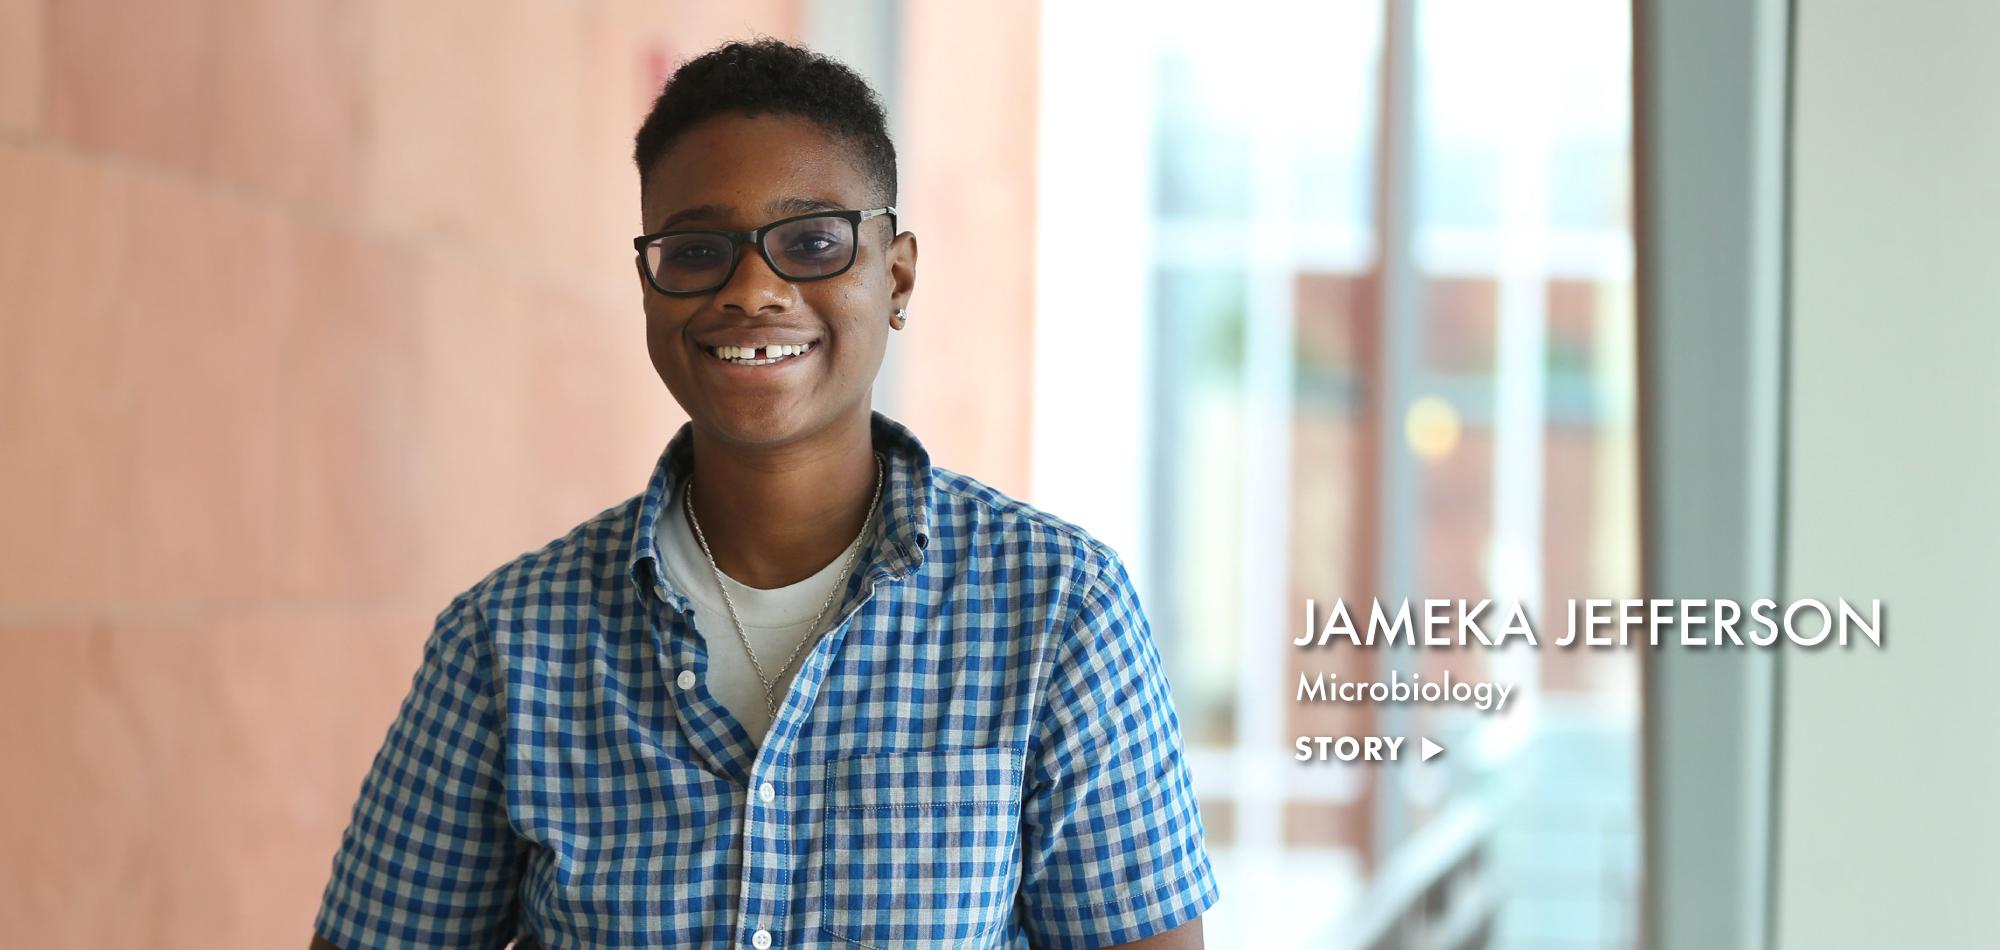 Jameka Jefferson